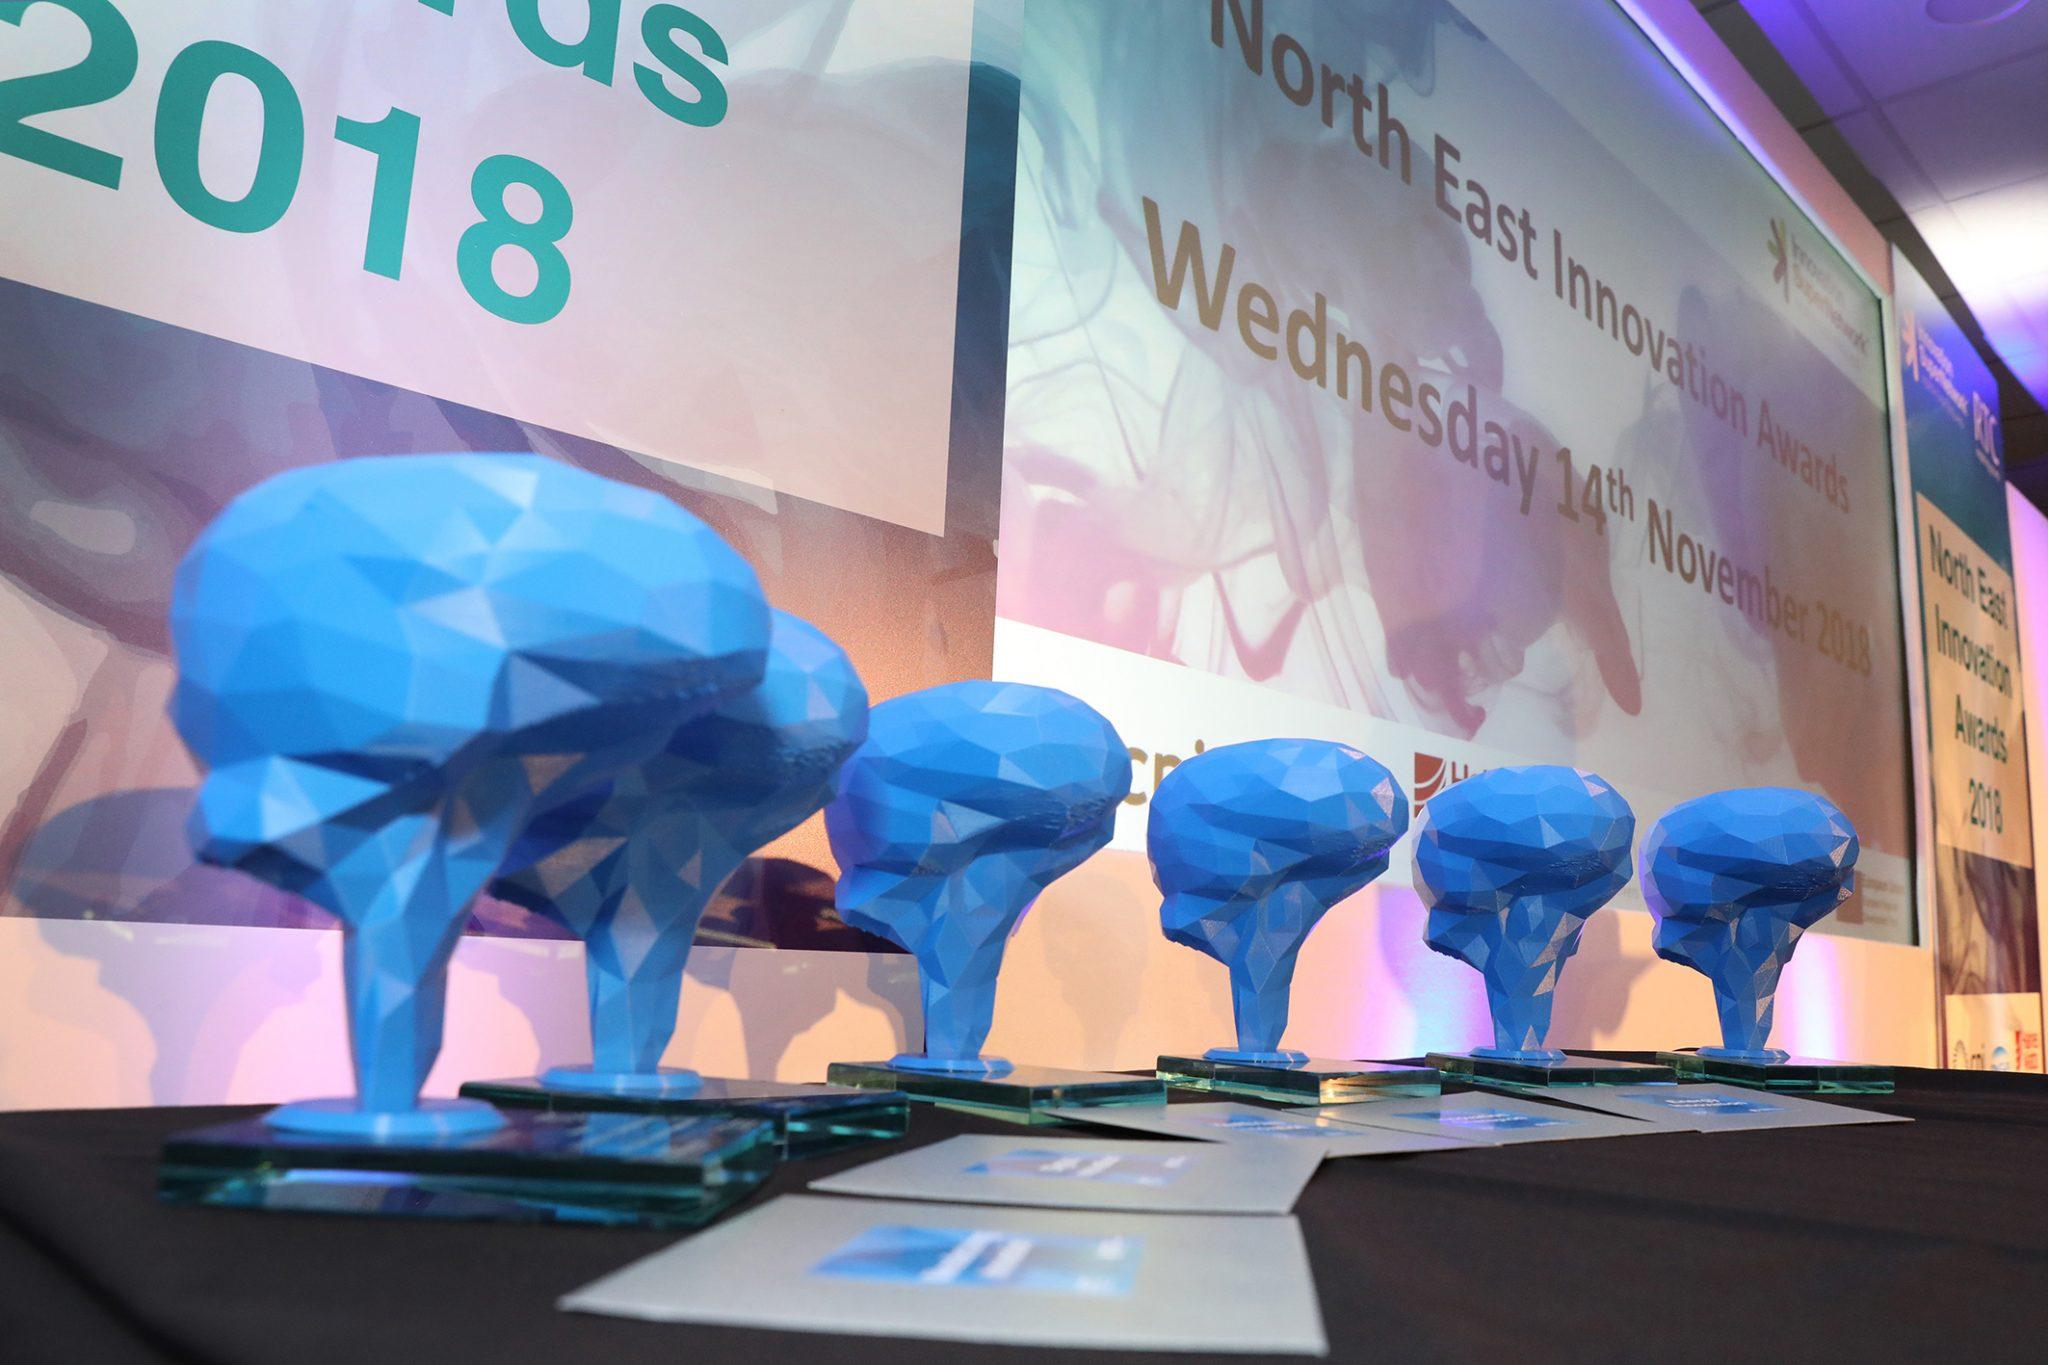 North East Innovation Awards Innovation brains